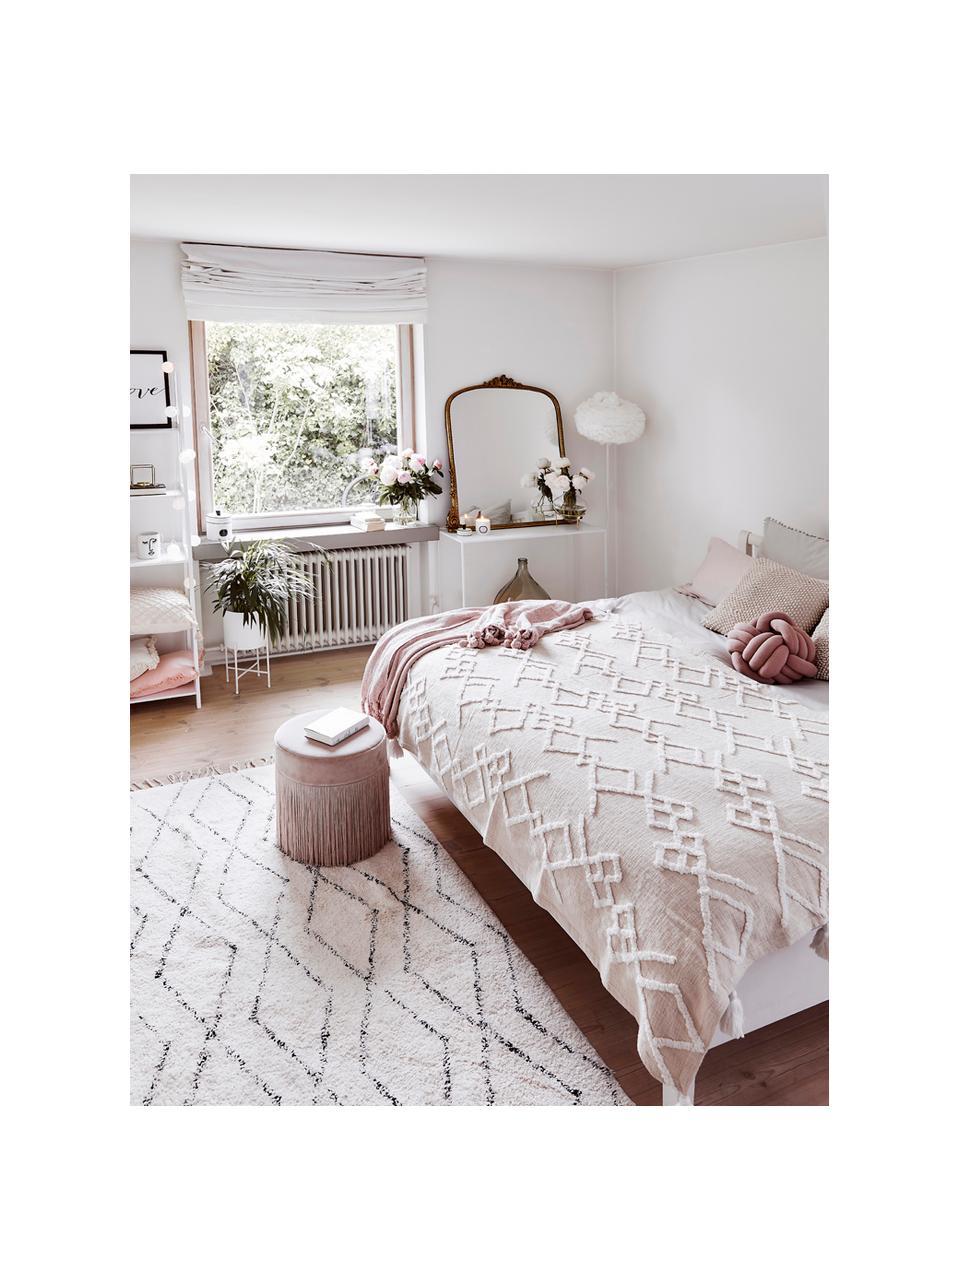 Handgetuft katoenen vloerkleed Bina met ruitjesmotief en franjes, 100% katoen, Beige, zwart, B 200 x L 300 cm (maat L)